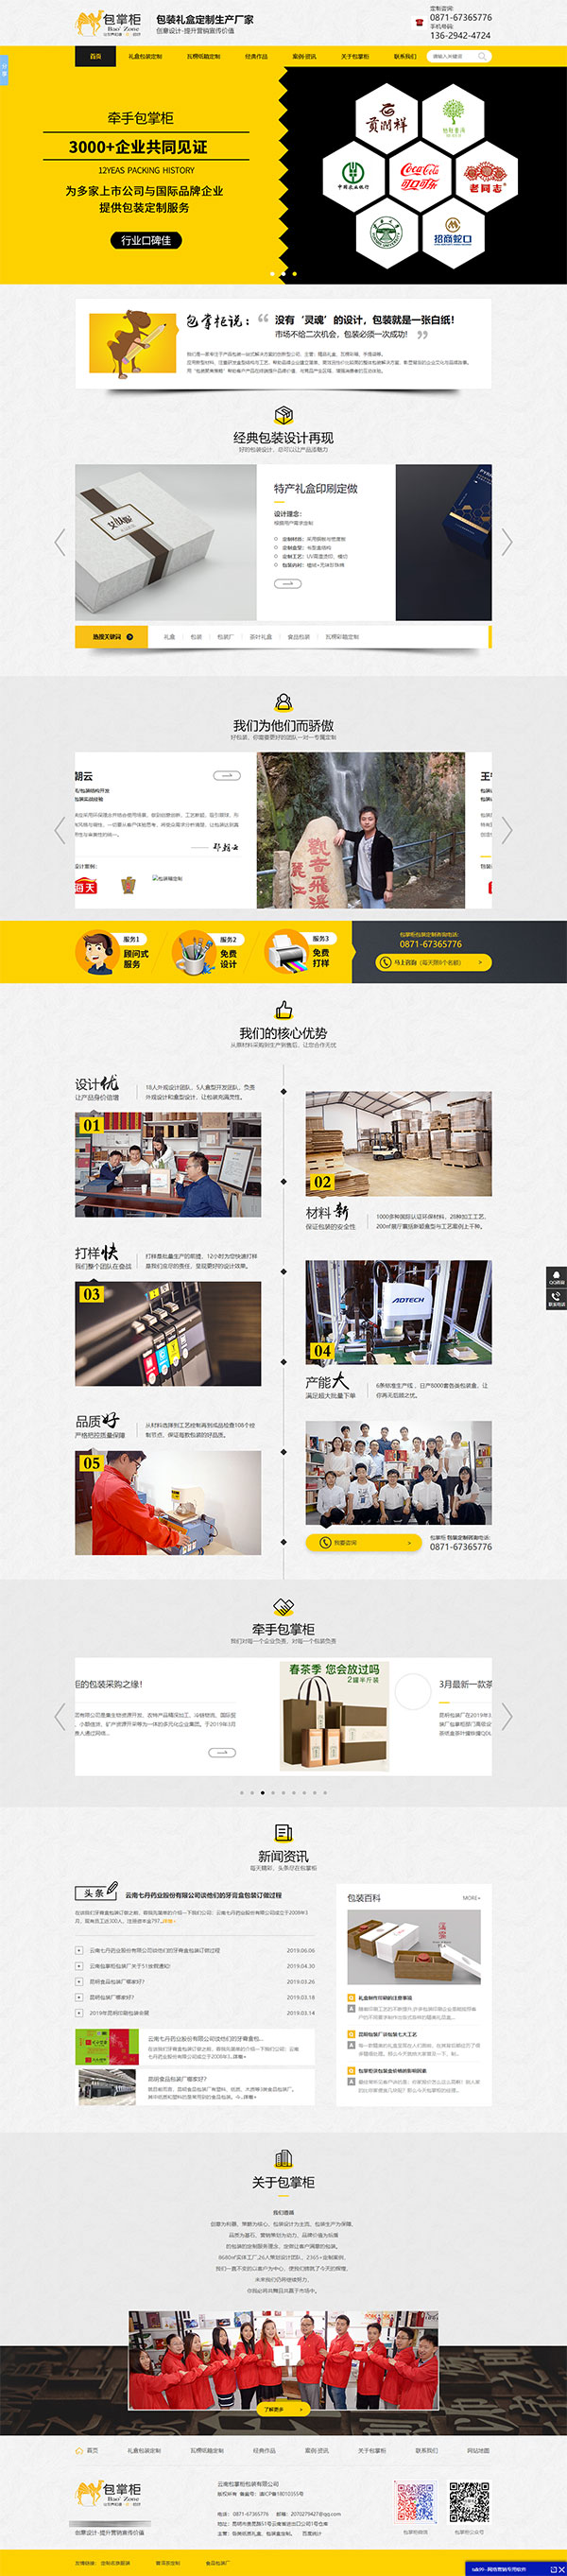 包掌柜包装营销型网站案例